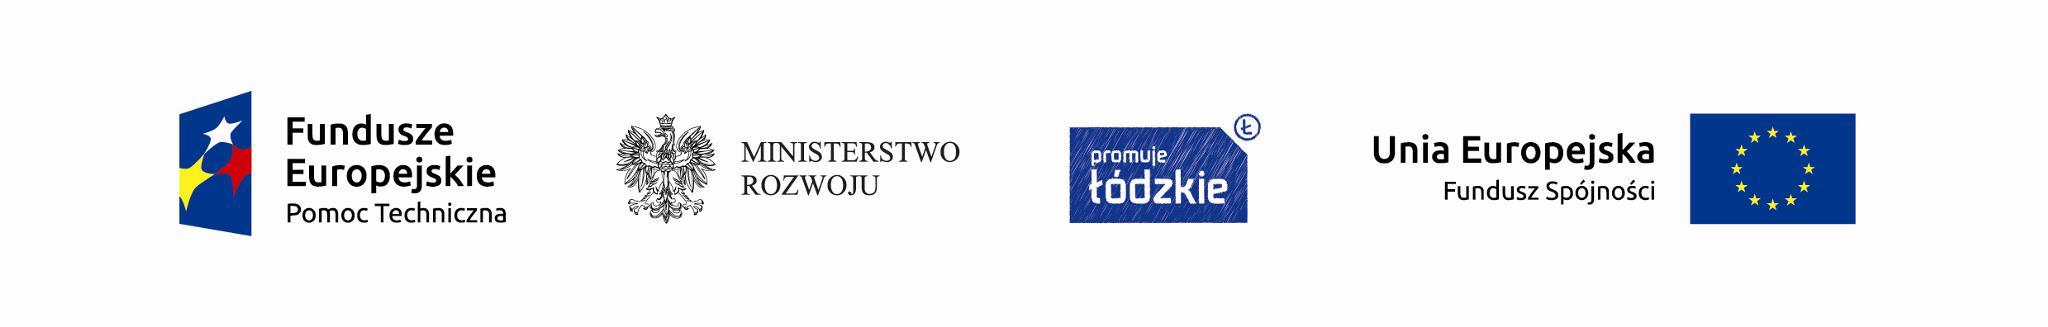 logo Fundusze Europejskie Pomoc Techniczna, Ministerstwo Rozwoju, Promuje Łódzkie, Unia Europejska Fundusz Spójności